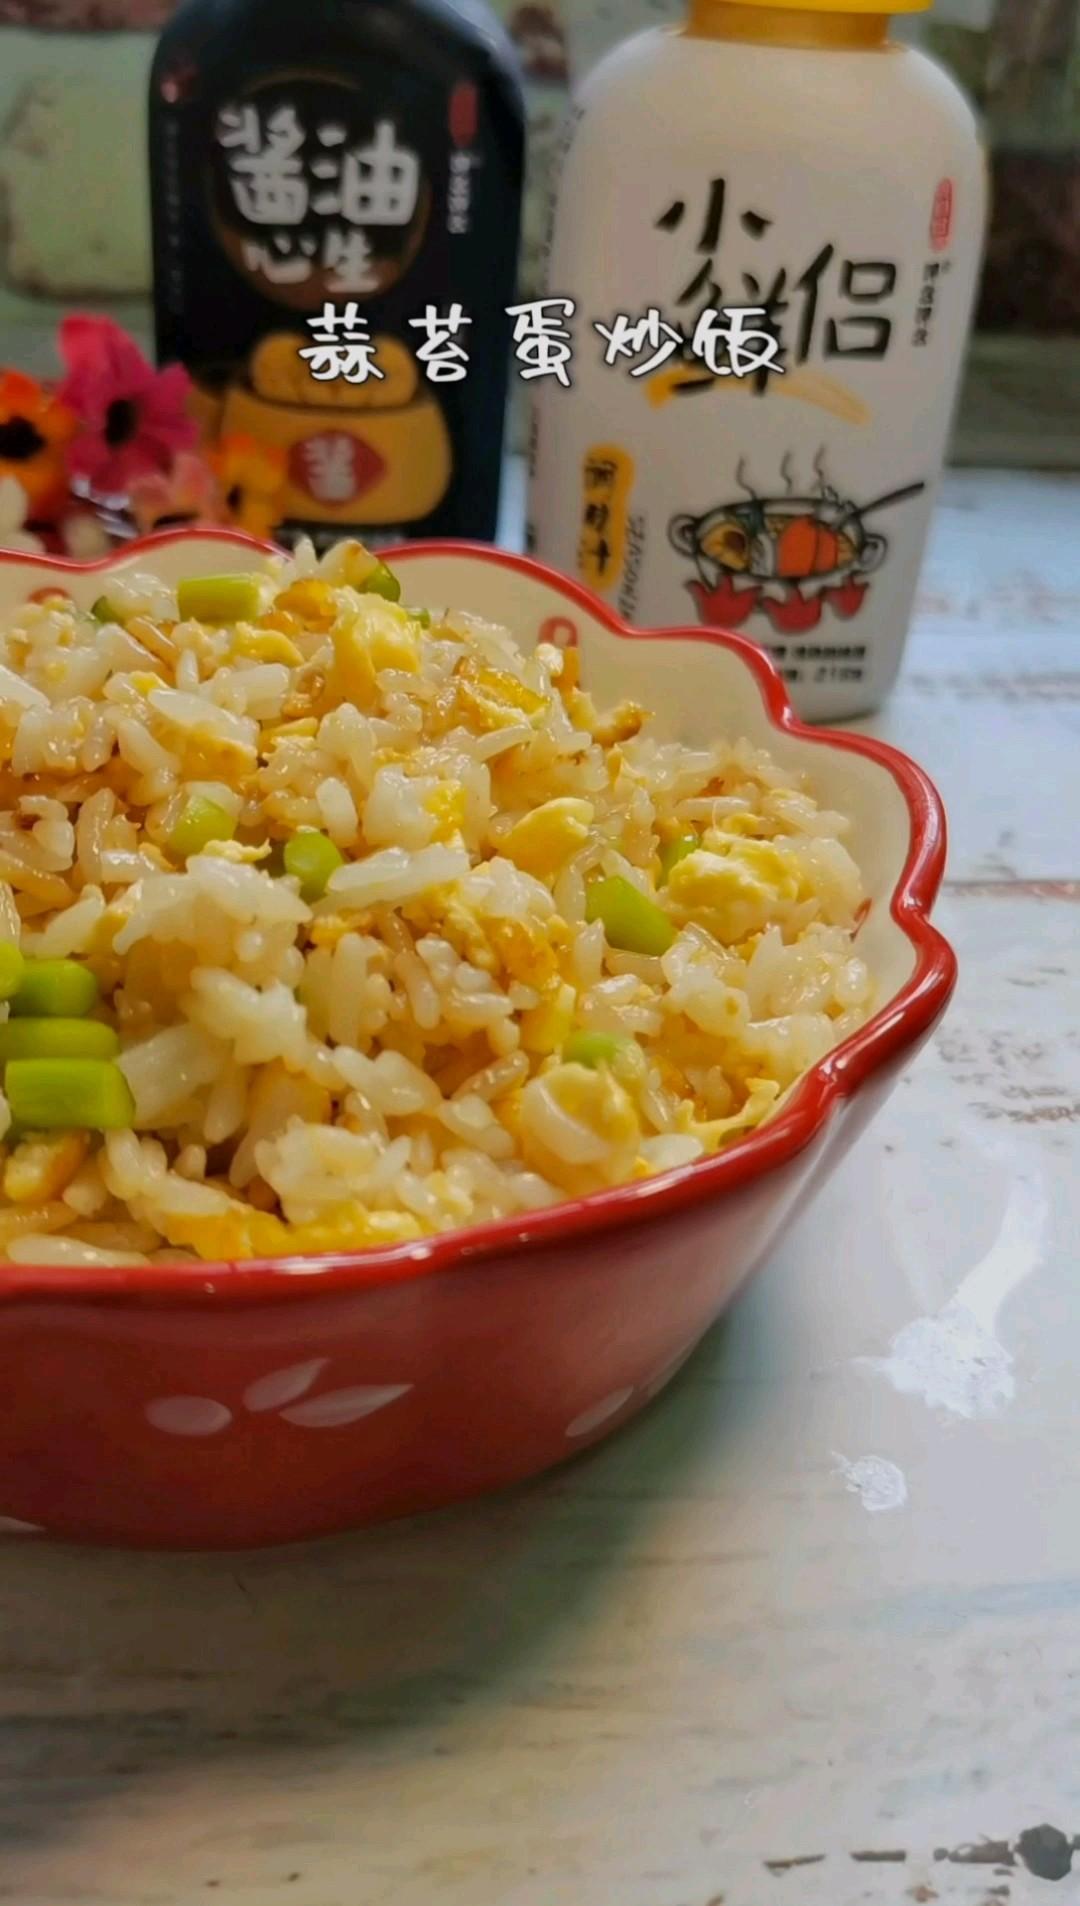 蒜苔蛋炒饭